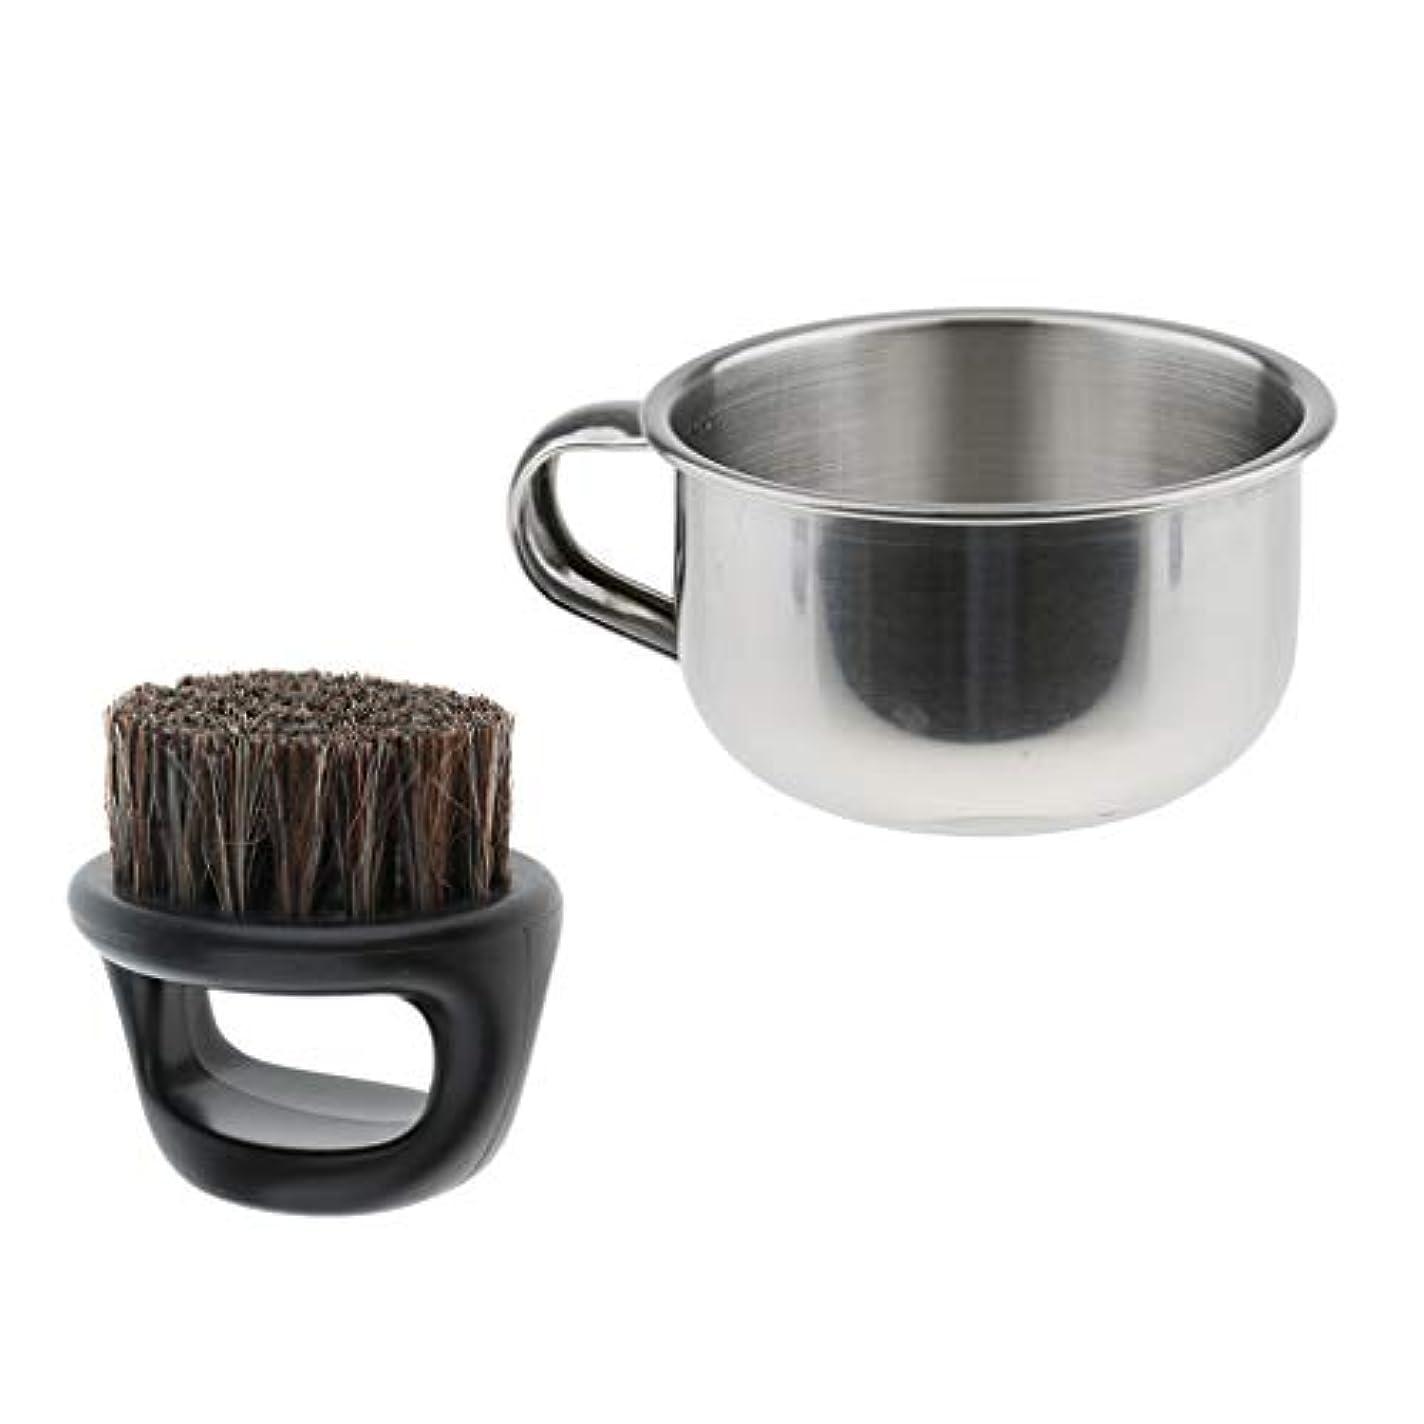 病気の対処近くシェービングブラシ シェービングボウル メンズ 髭剃り シェービング用アクセサリー サロン 理髪用 2点